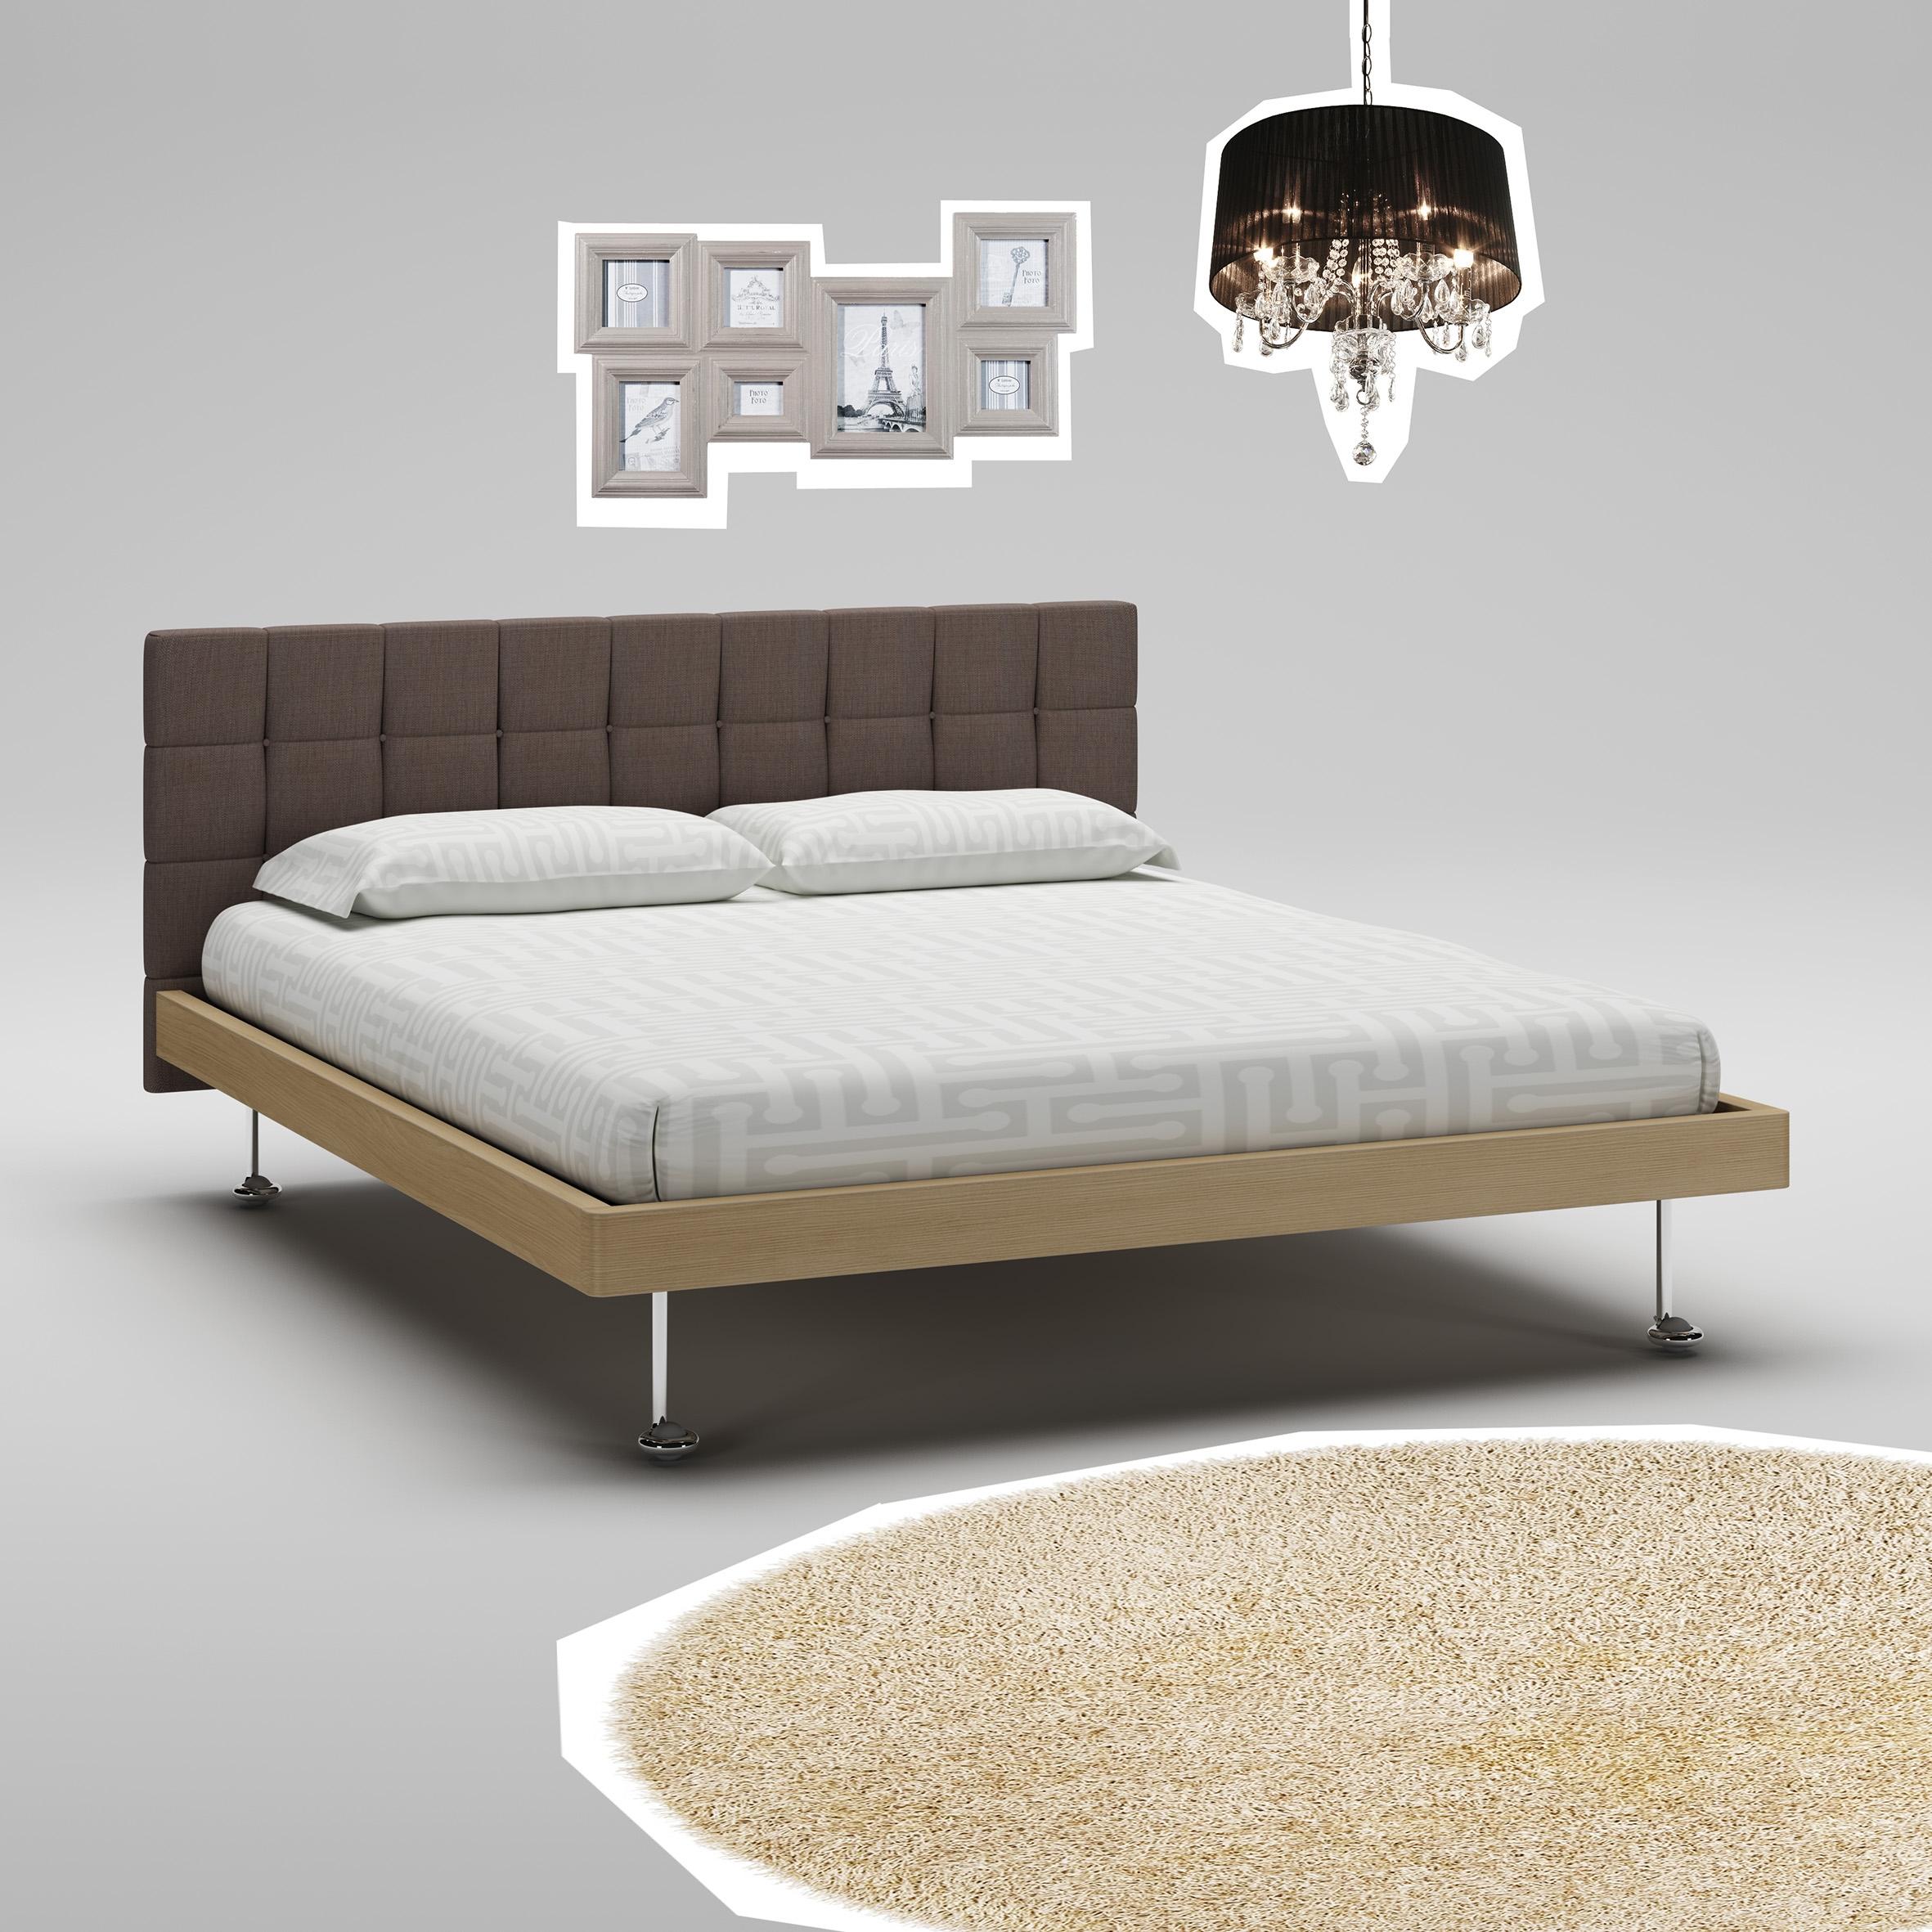 lit adulte personnalisable wl113 de 160 x 200 avec tte de lit rembourre moretti compact - Lit Adulte 160x200